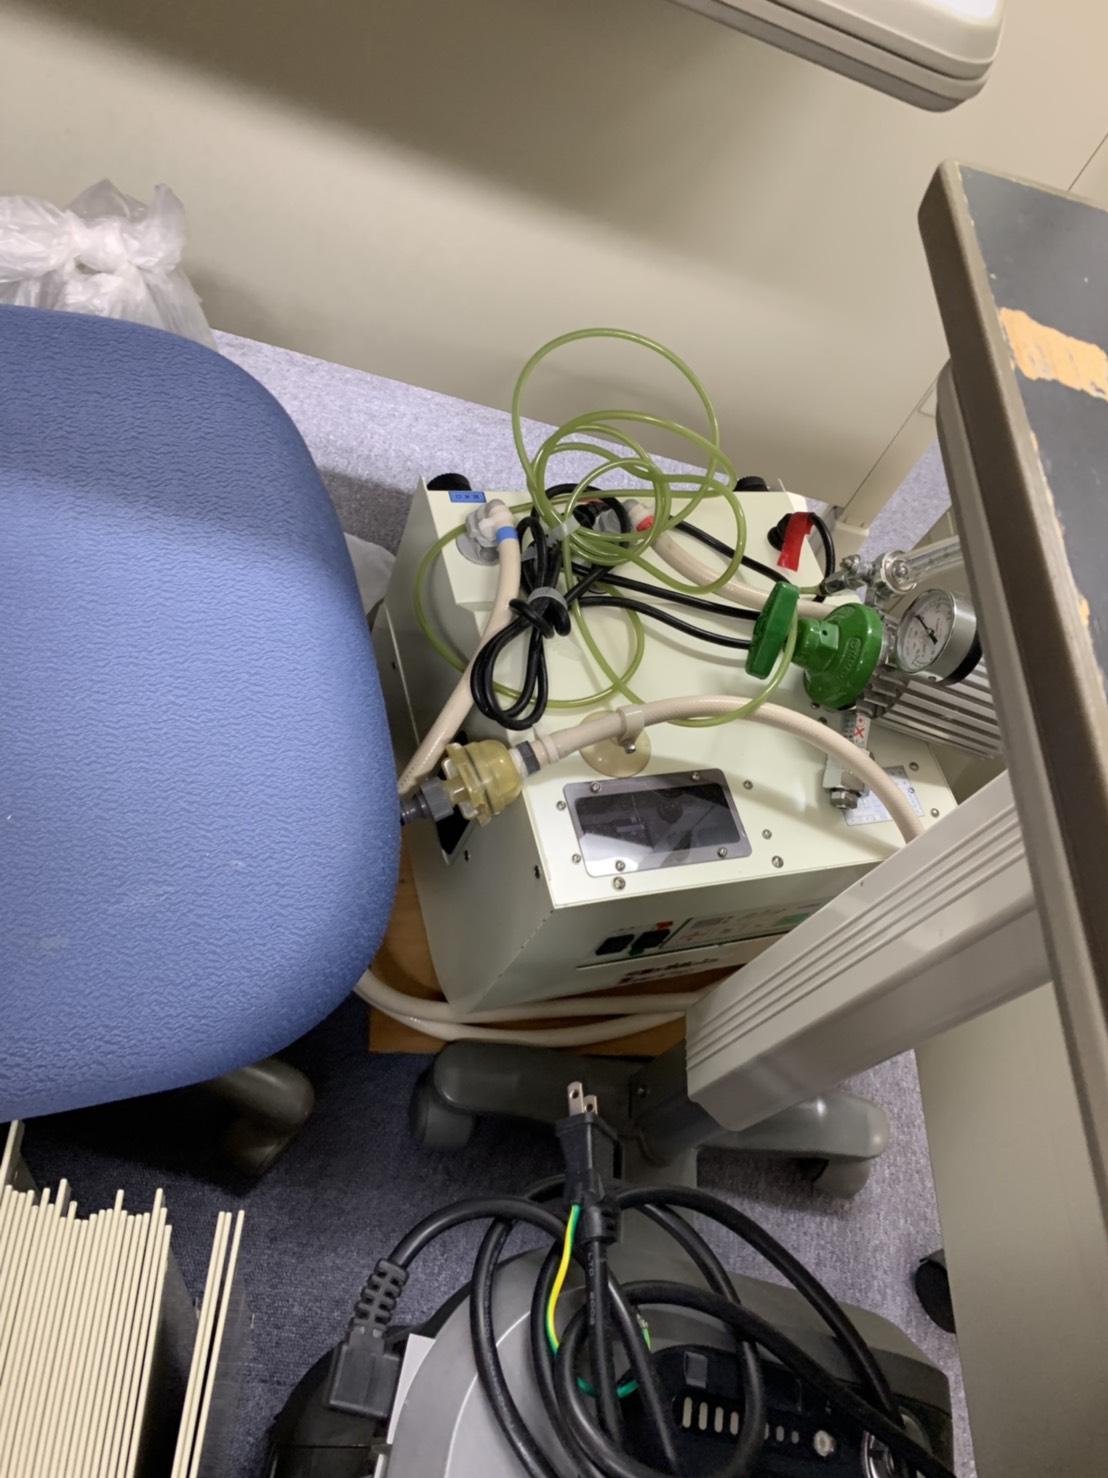 【産業廃棄物の回収】病院の機械類の廃棄処理を行った事例を紹介します。